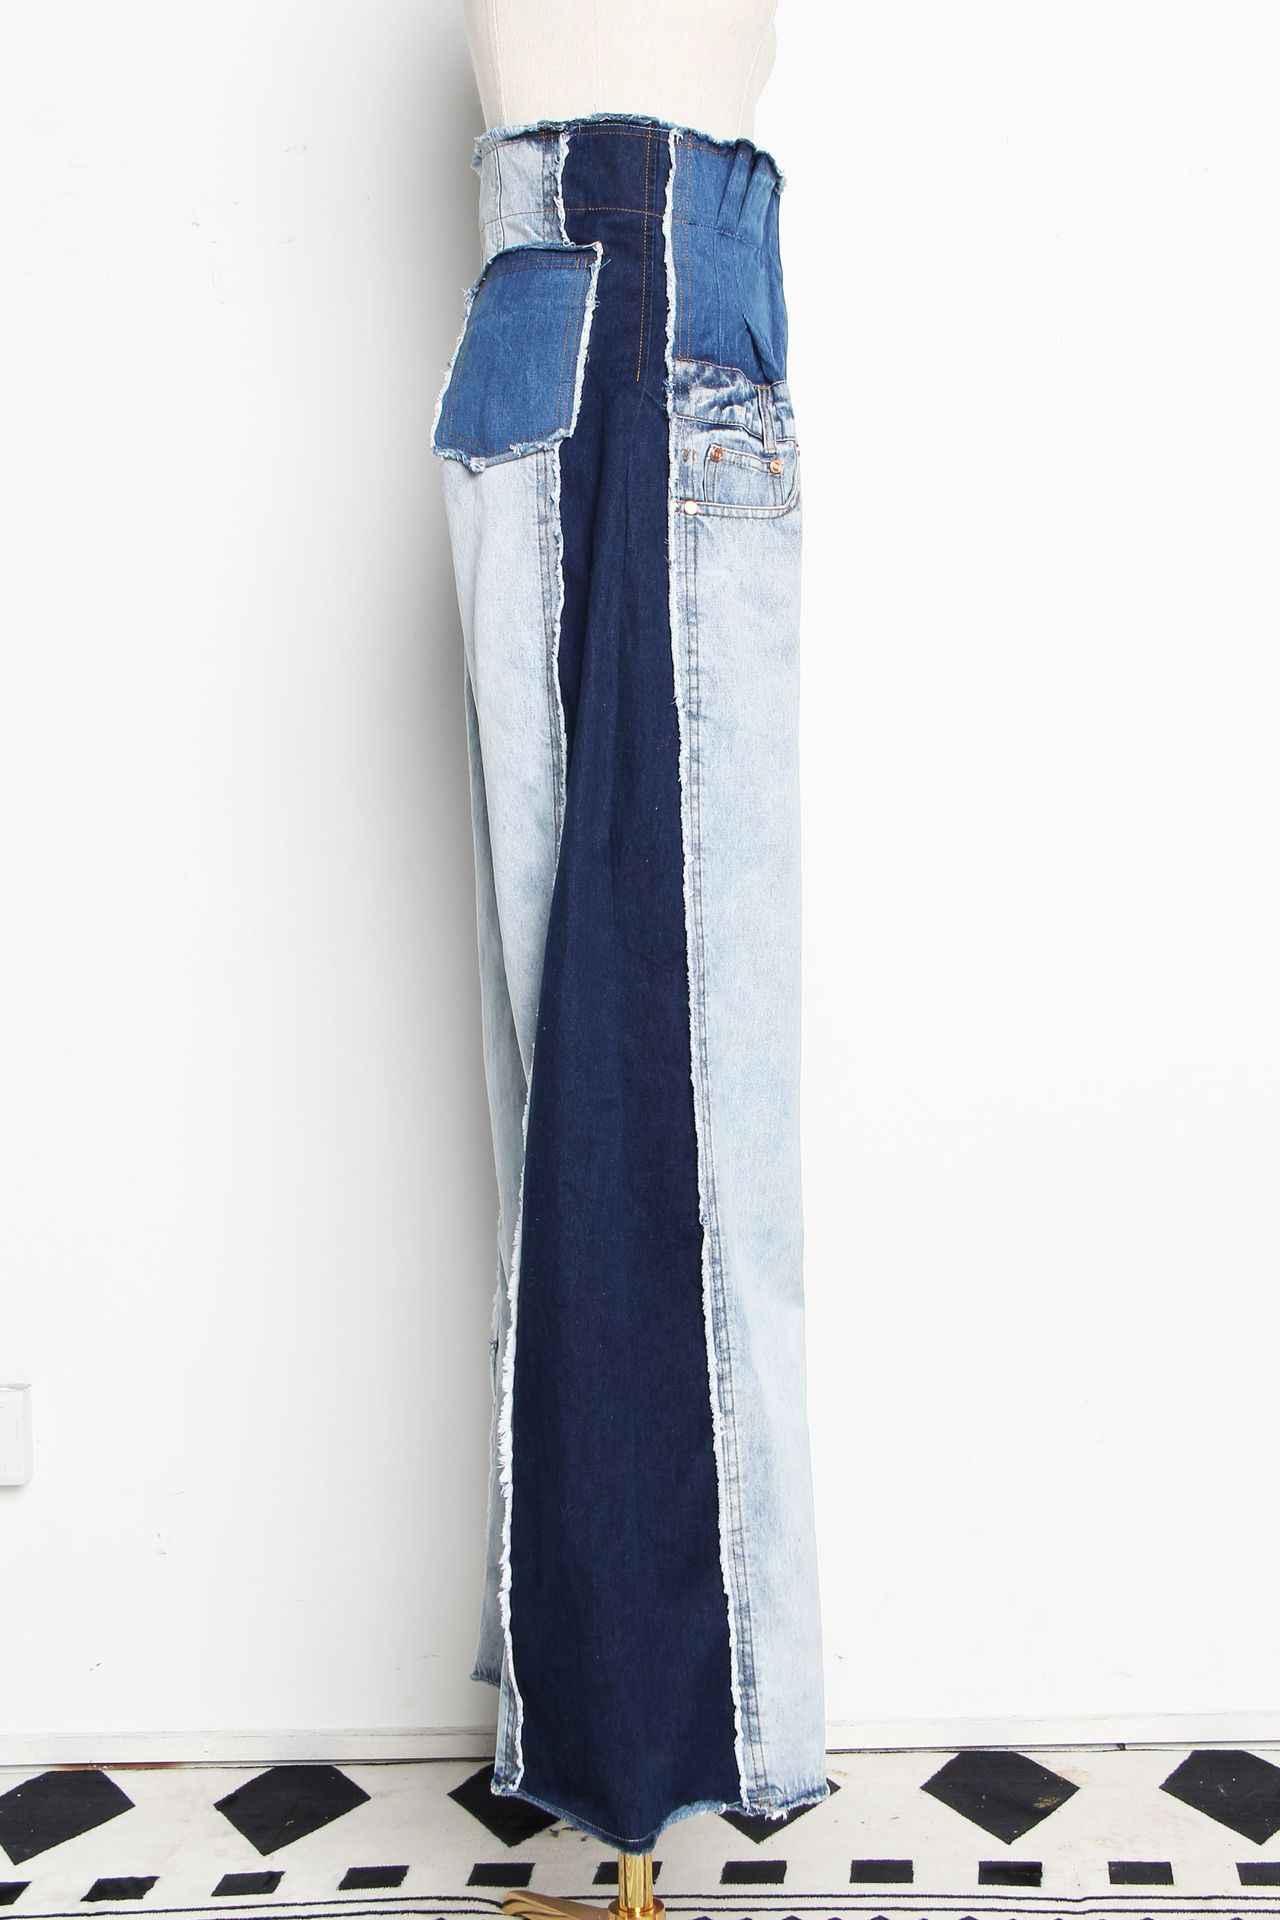 GETSRING женские джинсы стиль ретро джинсы Patchwrk широкие джинсы женские джинсовые широкие брюки длинные широкие джинсовые брюки